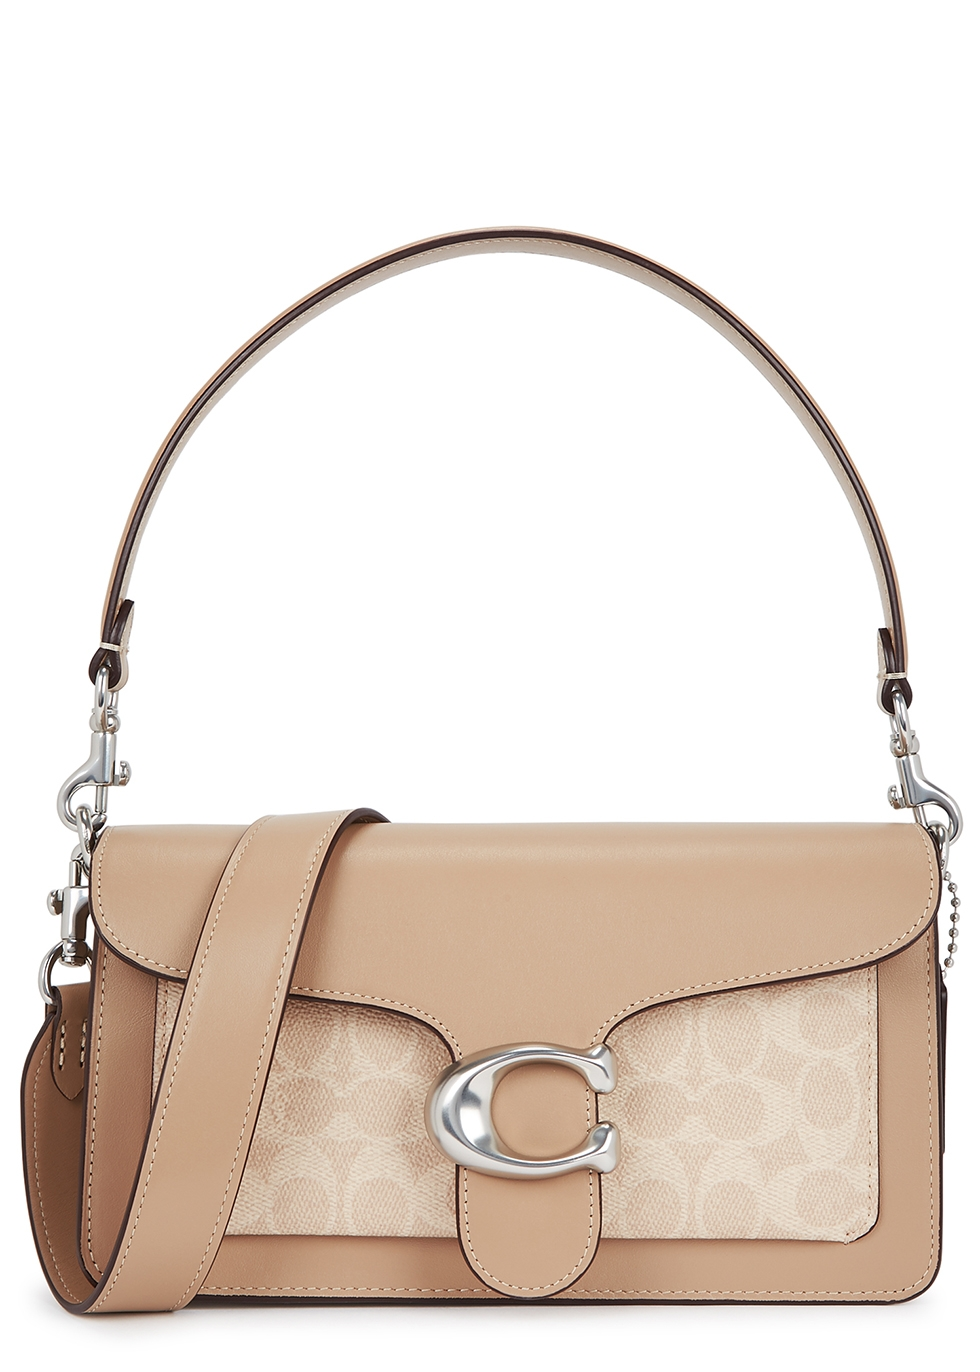 Tabby 26 monogrammed leather shoulder bag